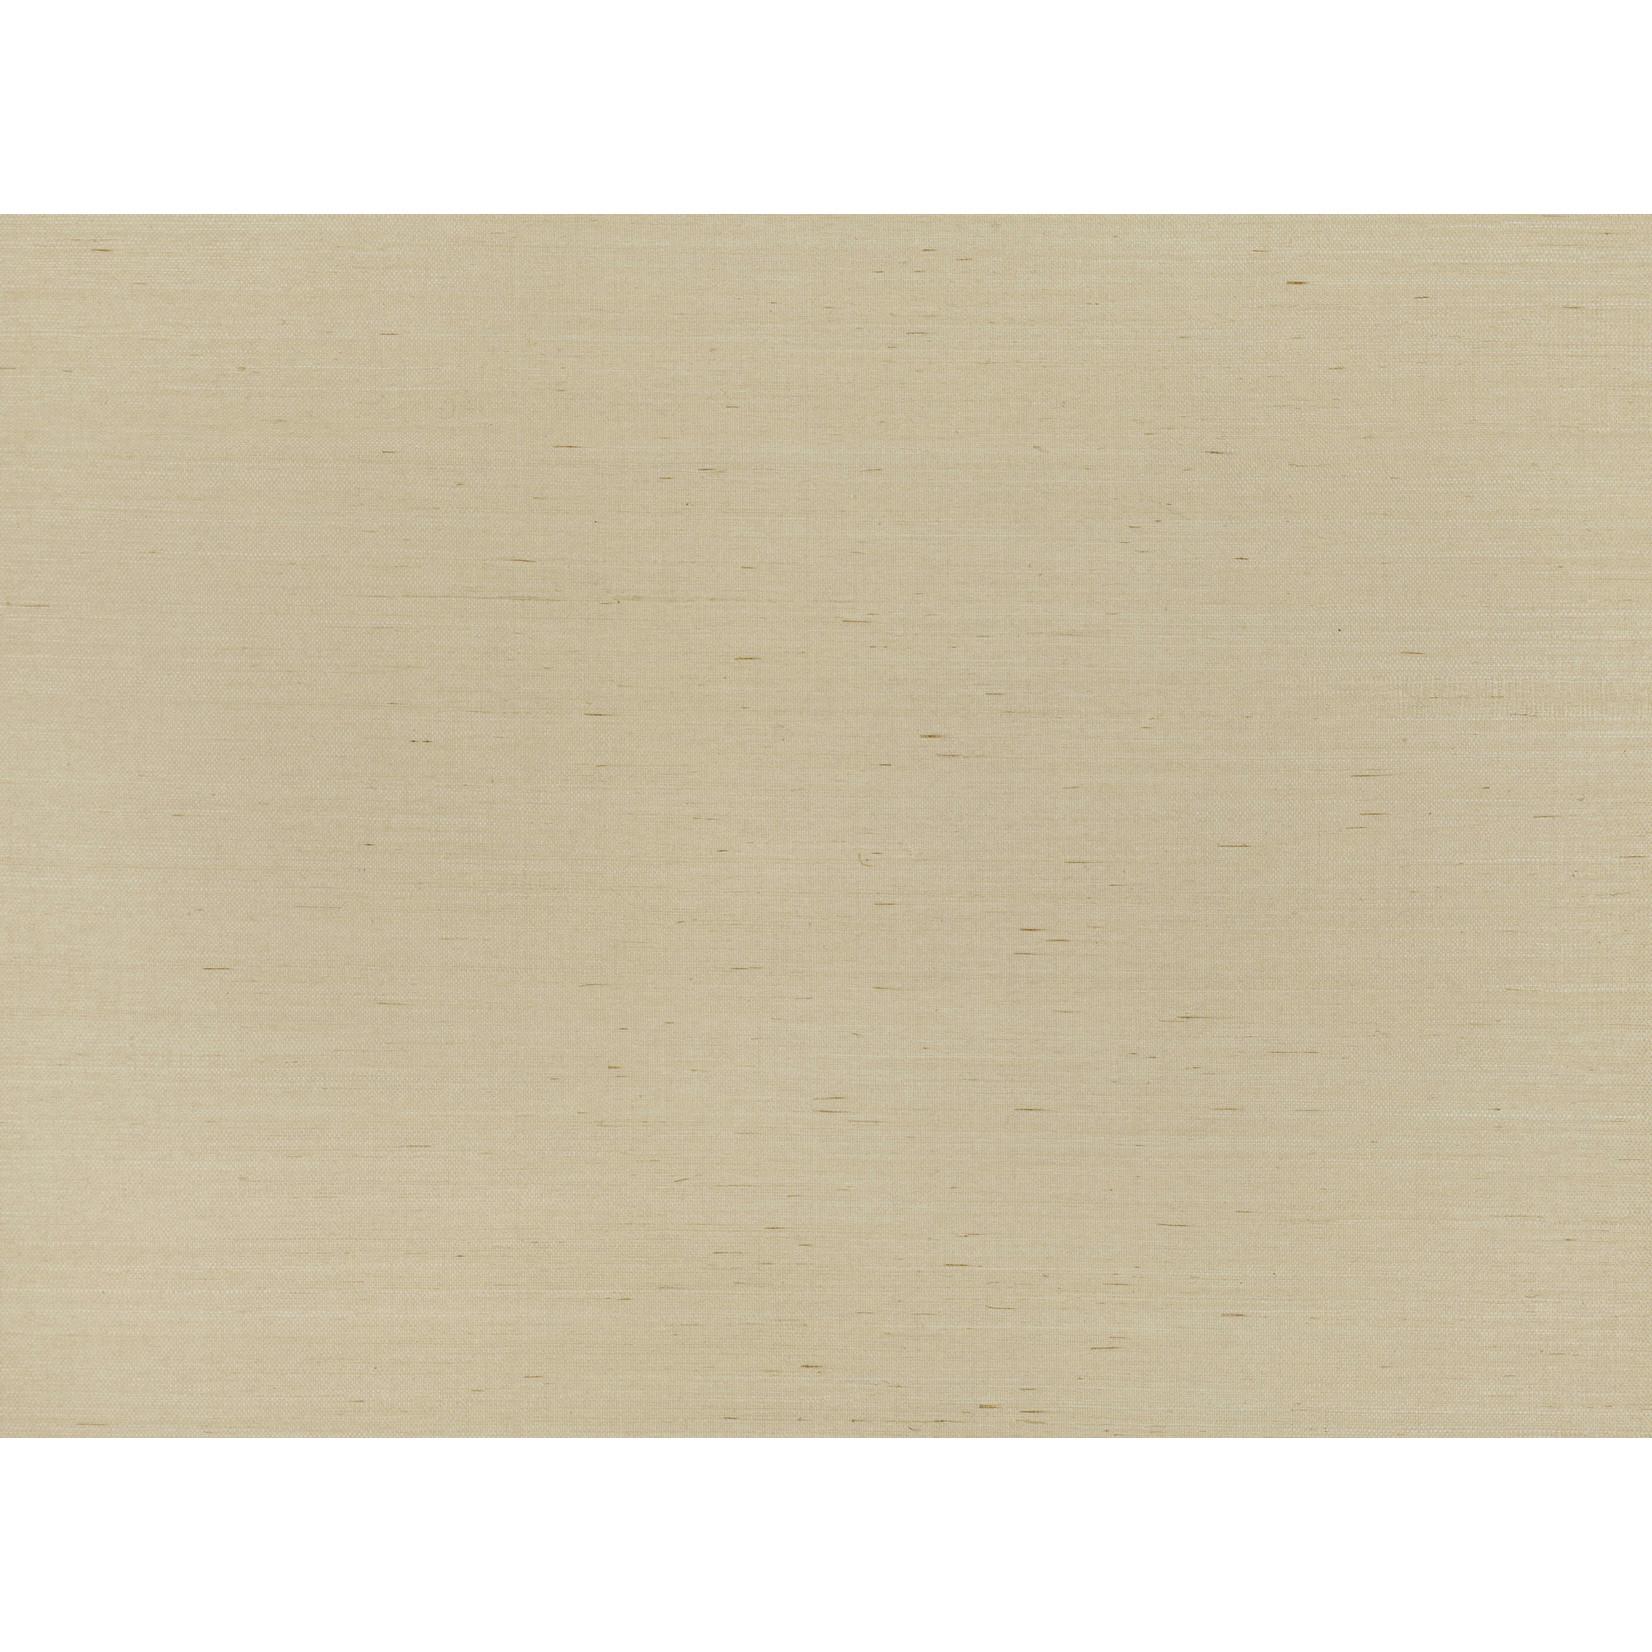 Mark Alexander Grasscloth Handwoven Wallcoverings | Sisal Stone